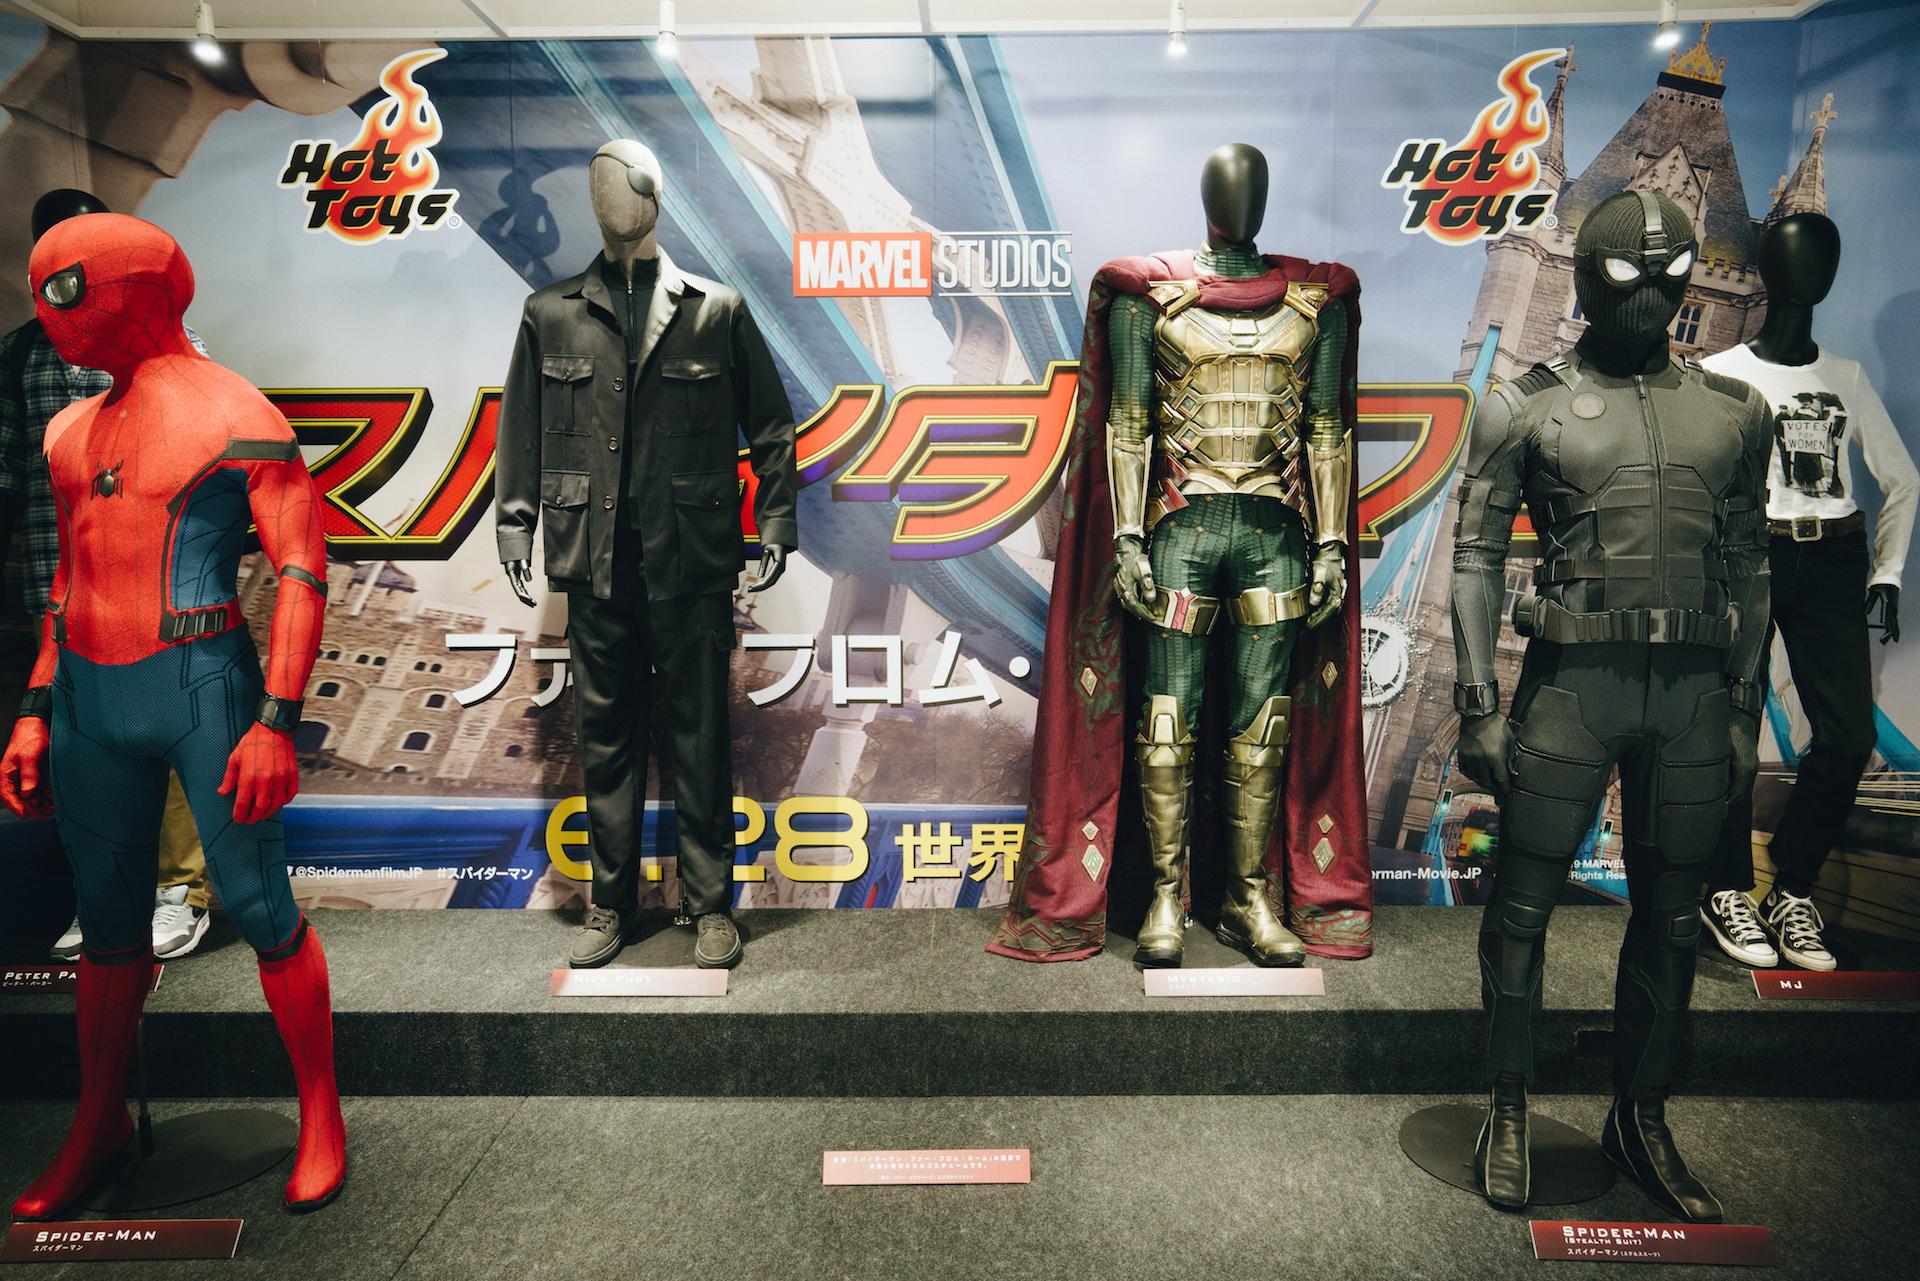 スパイダーマン好きなら目ギラギラ大興奮必至の期間限定ショップ探訪 art-culture-spiderman-store-report-5